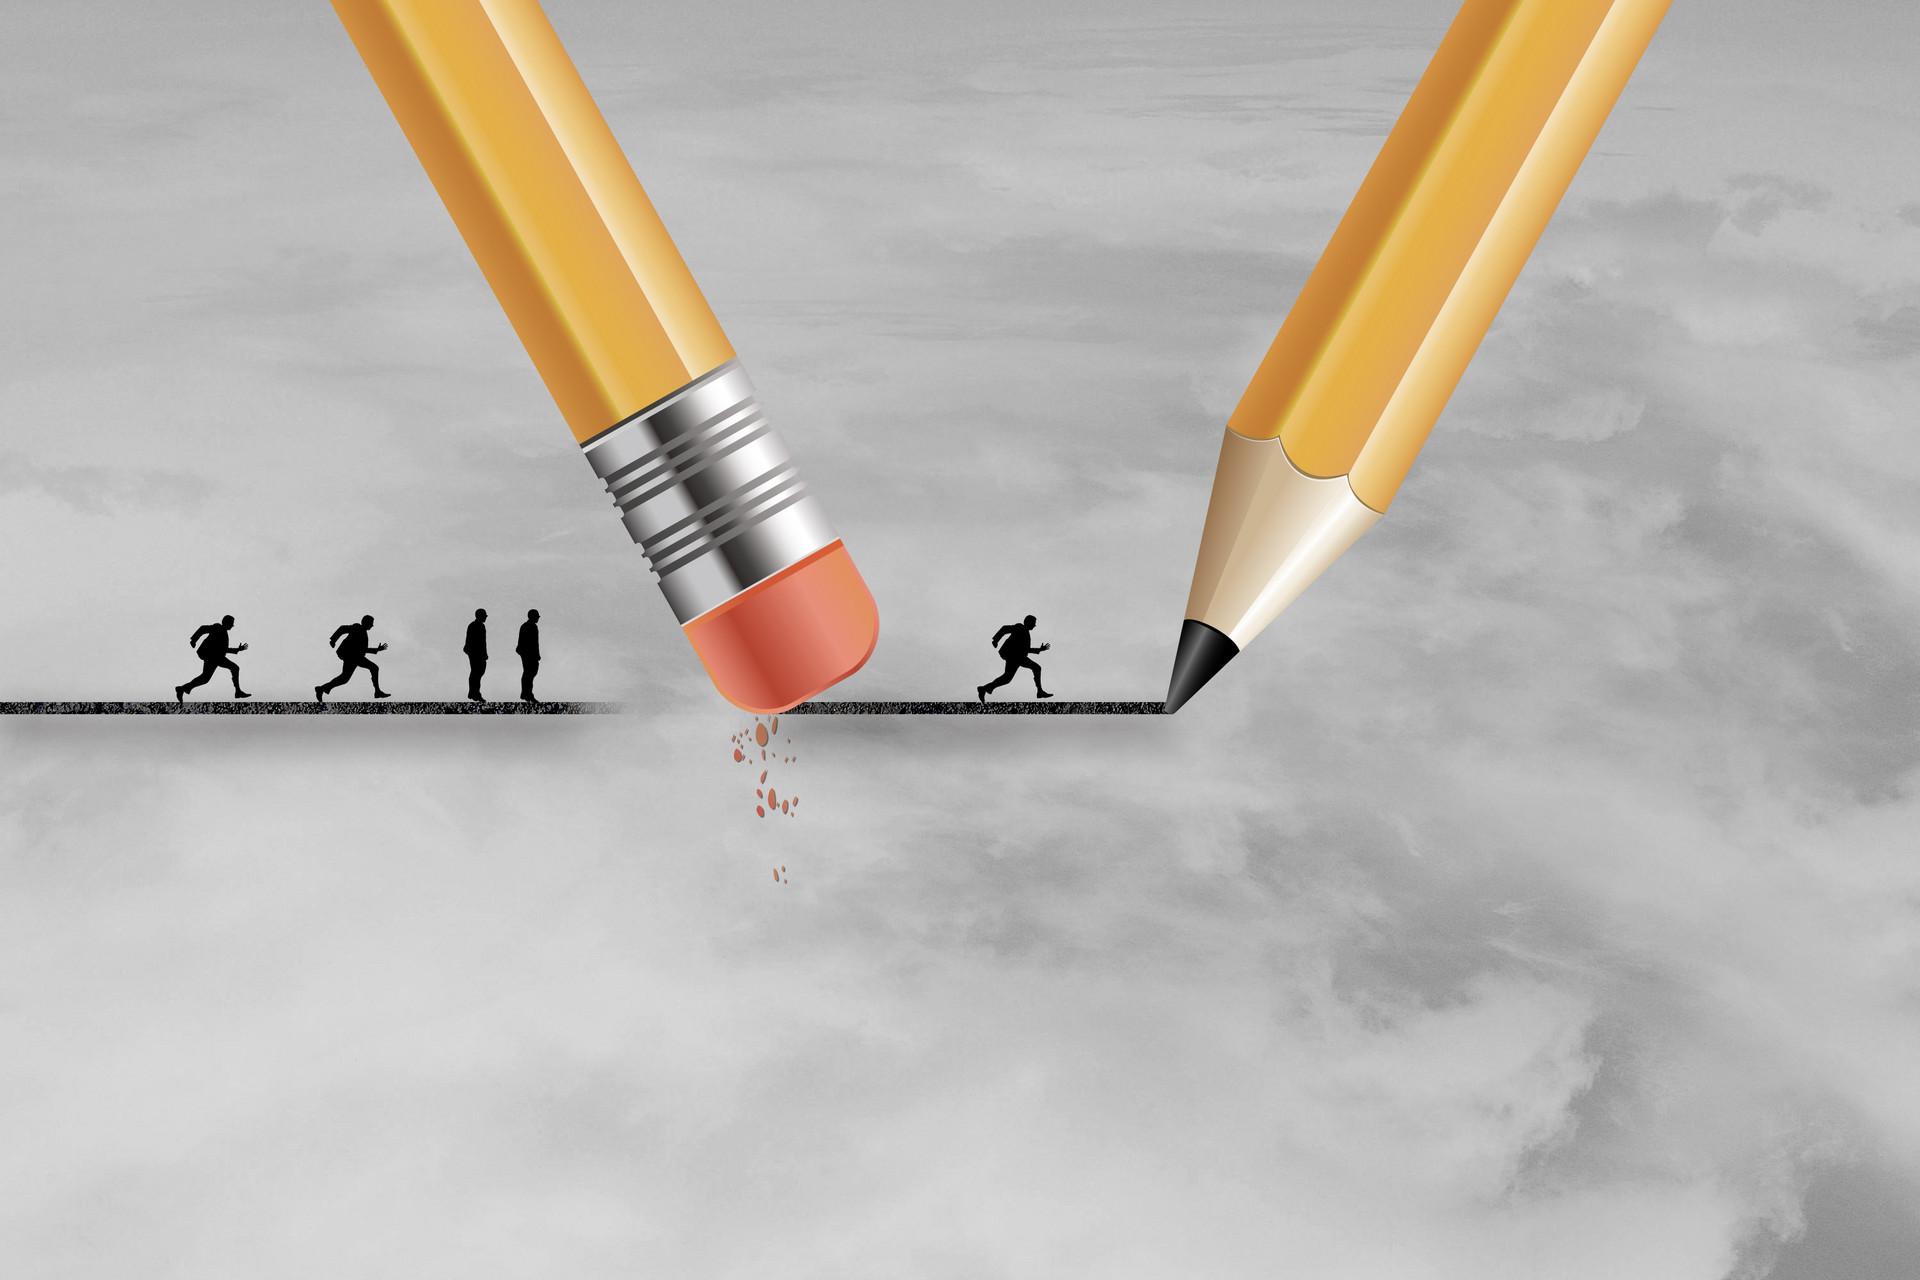 一个老员工的忠告:在职场别玩个性,听话照做才是聪明人的做法